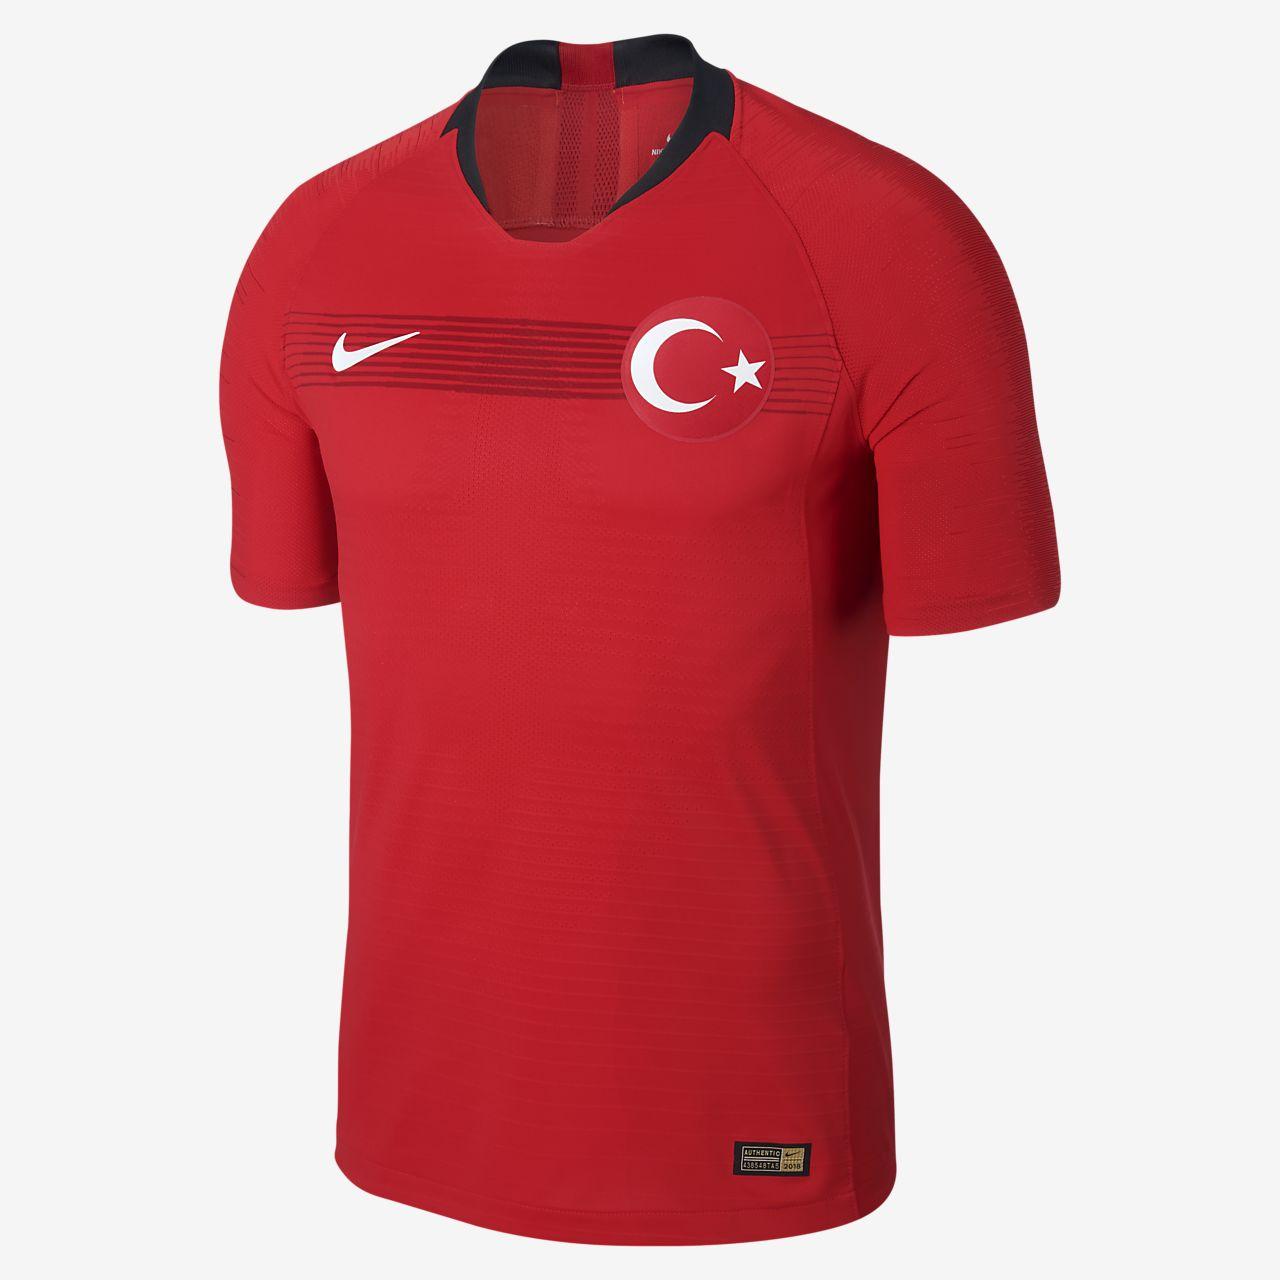 Camiseta de fútbol de local/visitante para hombre Vapor Match de Turquía 2018